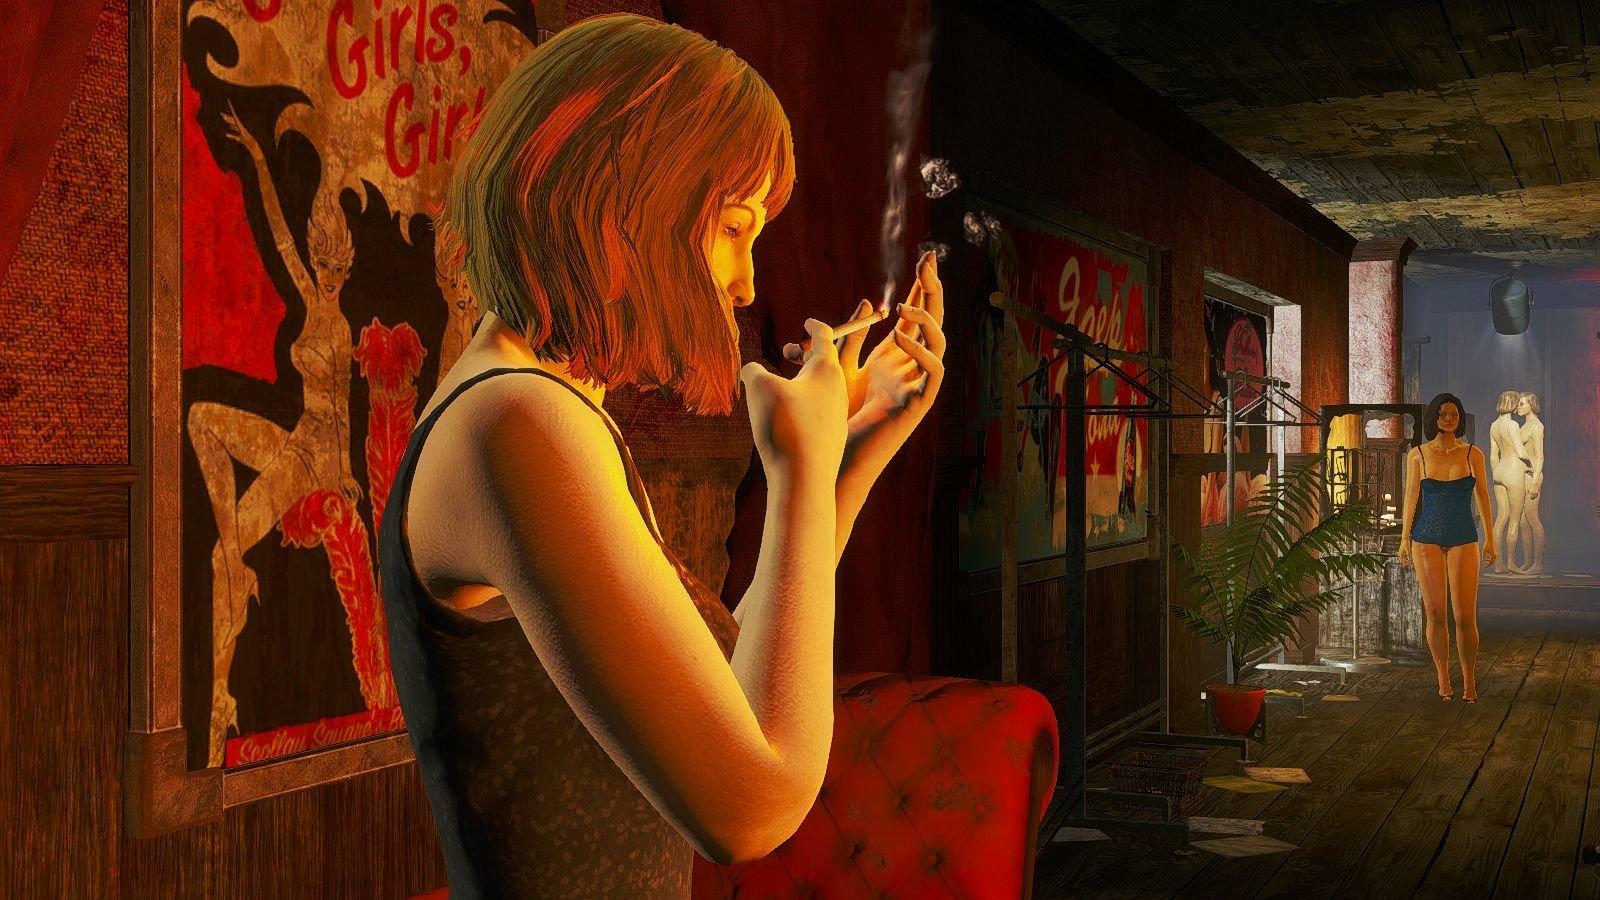 Курение убивает медленно, потому незаметно